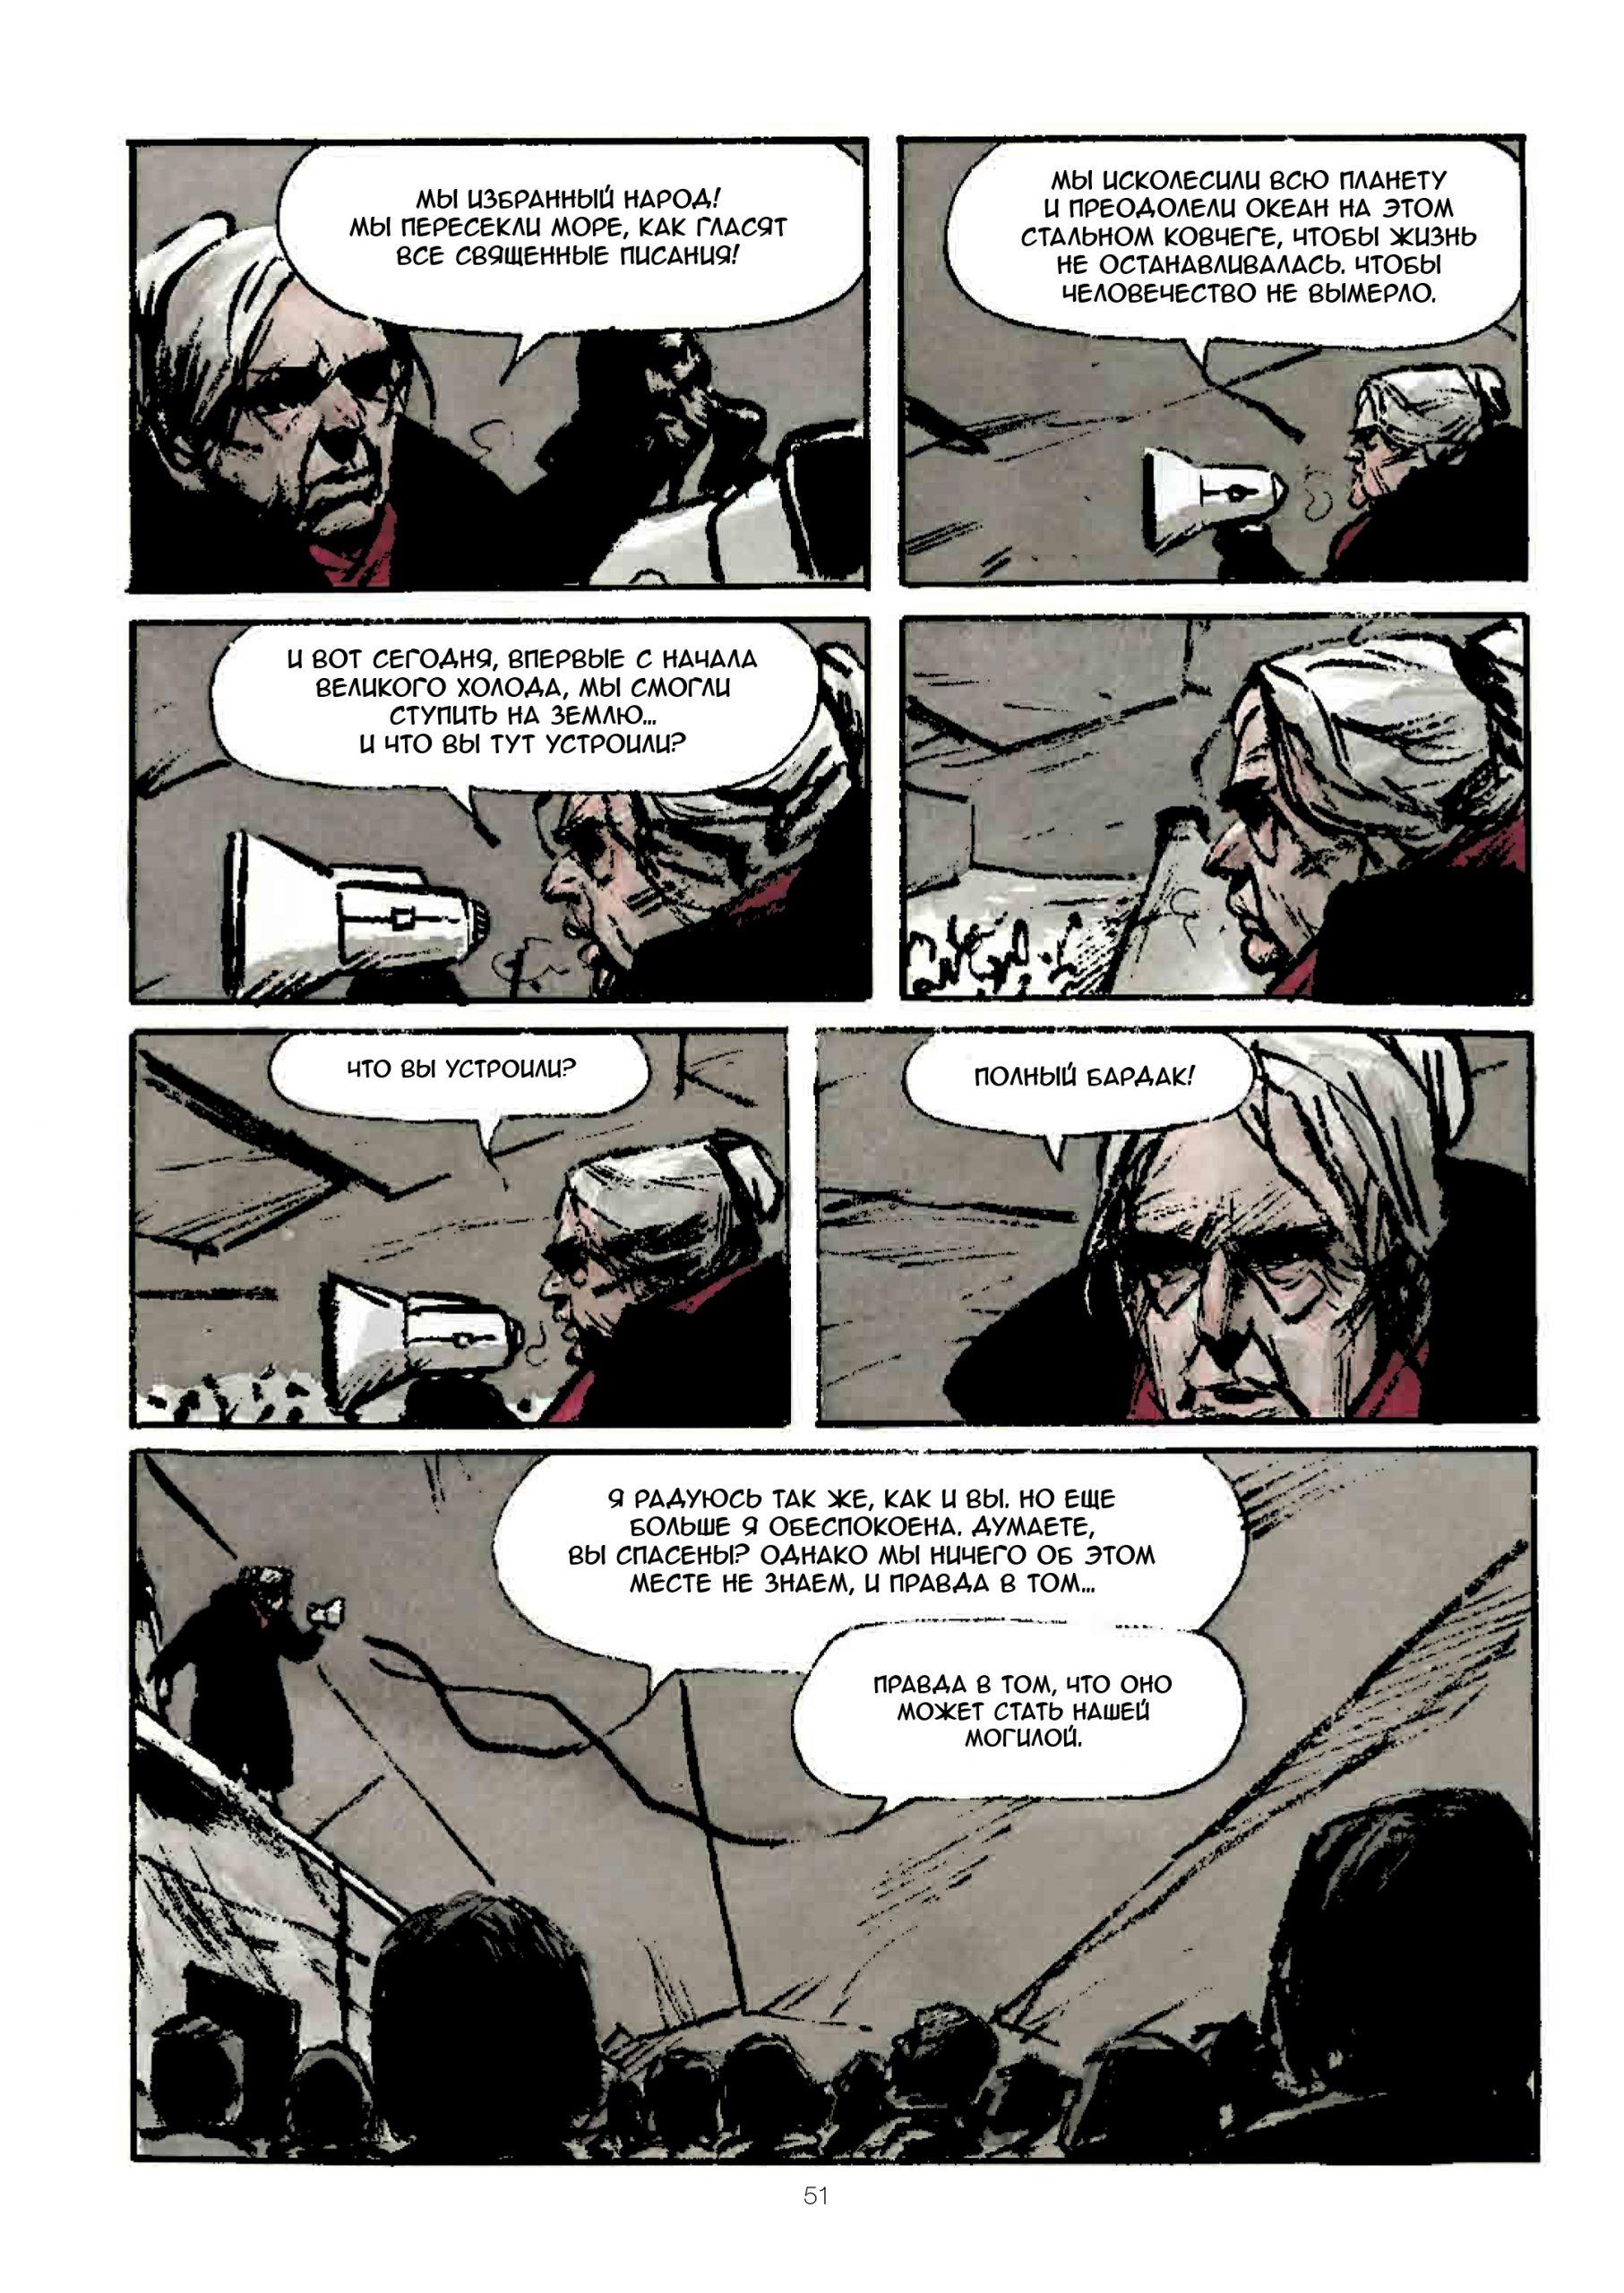 Читаем комикс «Сквозь снег: Конечная станция» 8